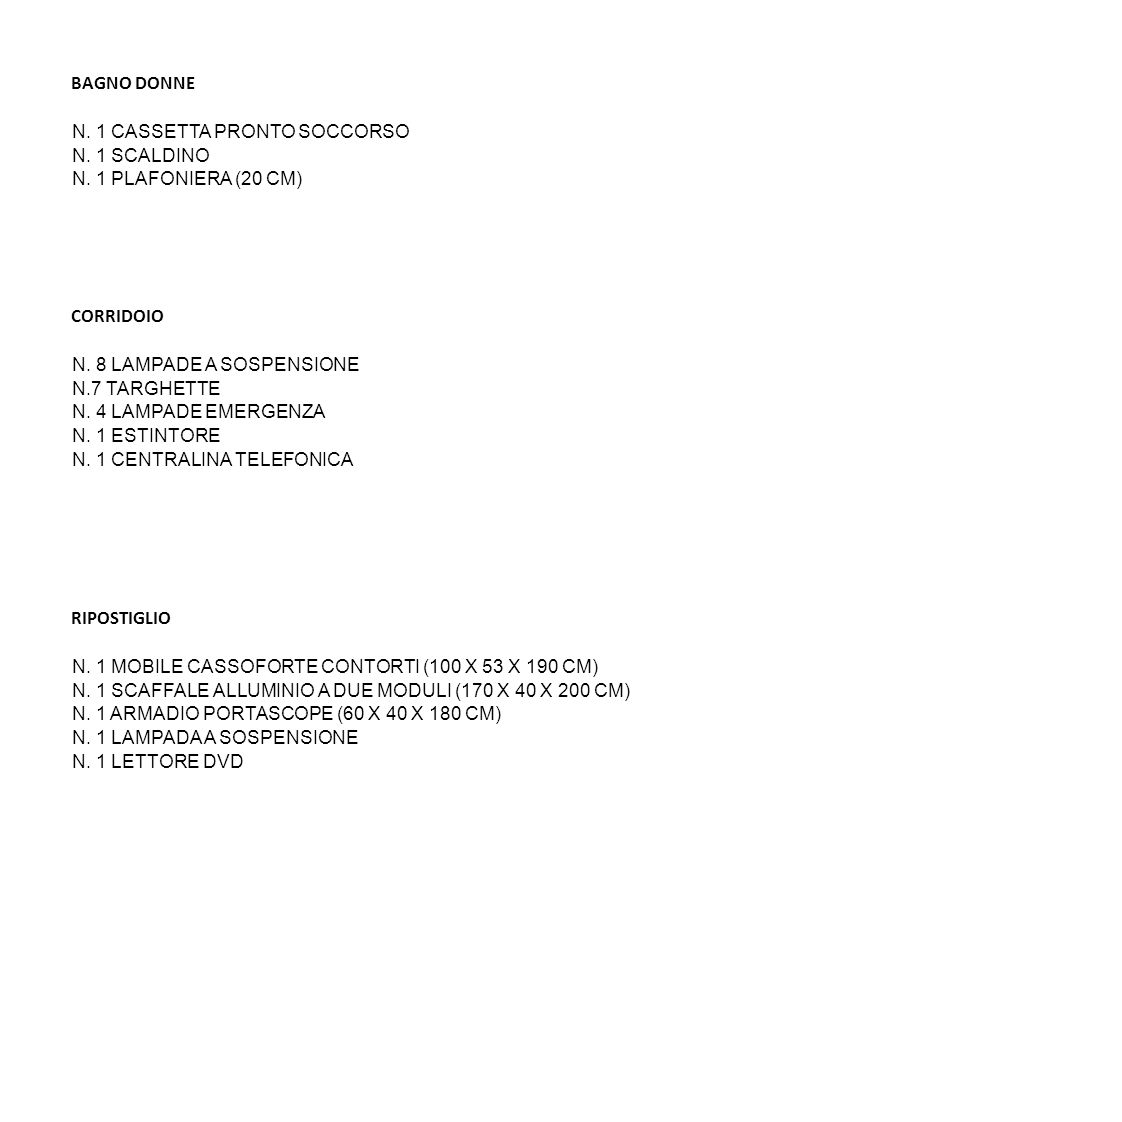 BAGNO DONNE N. 1 CASSETTA PRONTO SOCCORSO. N. 1 SCALDINO. N. 1 PLAFONIERA (20 CM) CORRIDOIO. N. 8 LAMPADE A SOSPENSIONE.